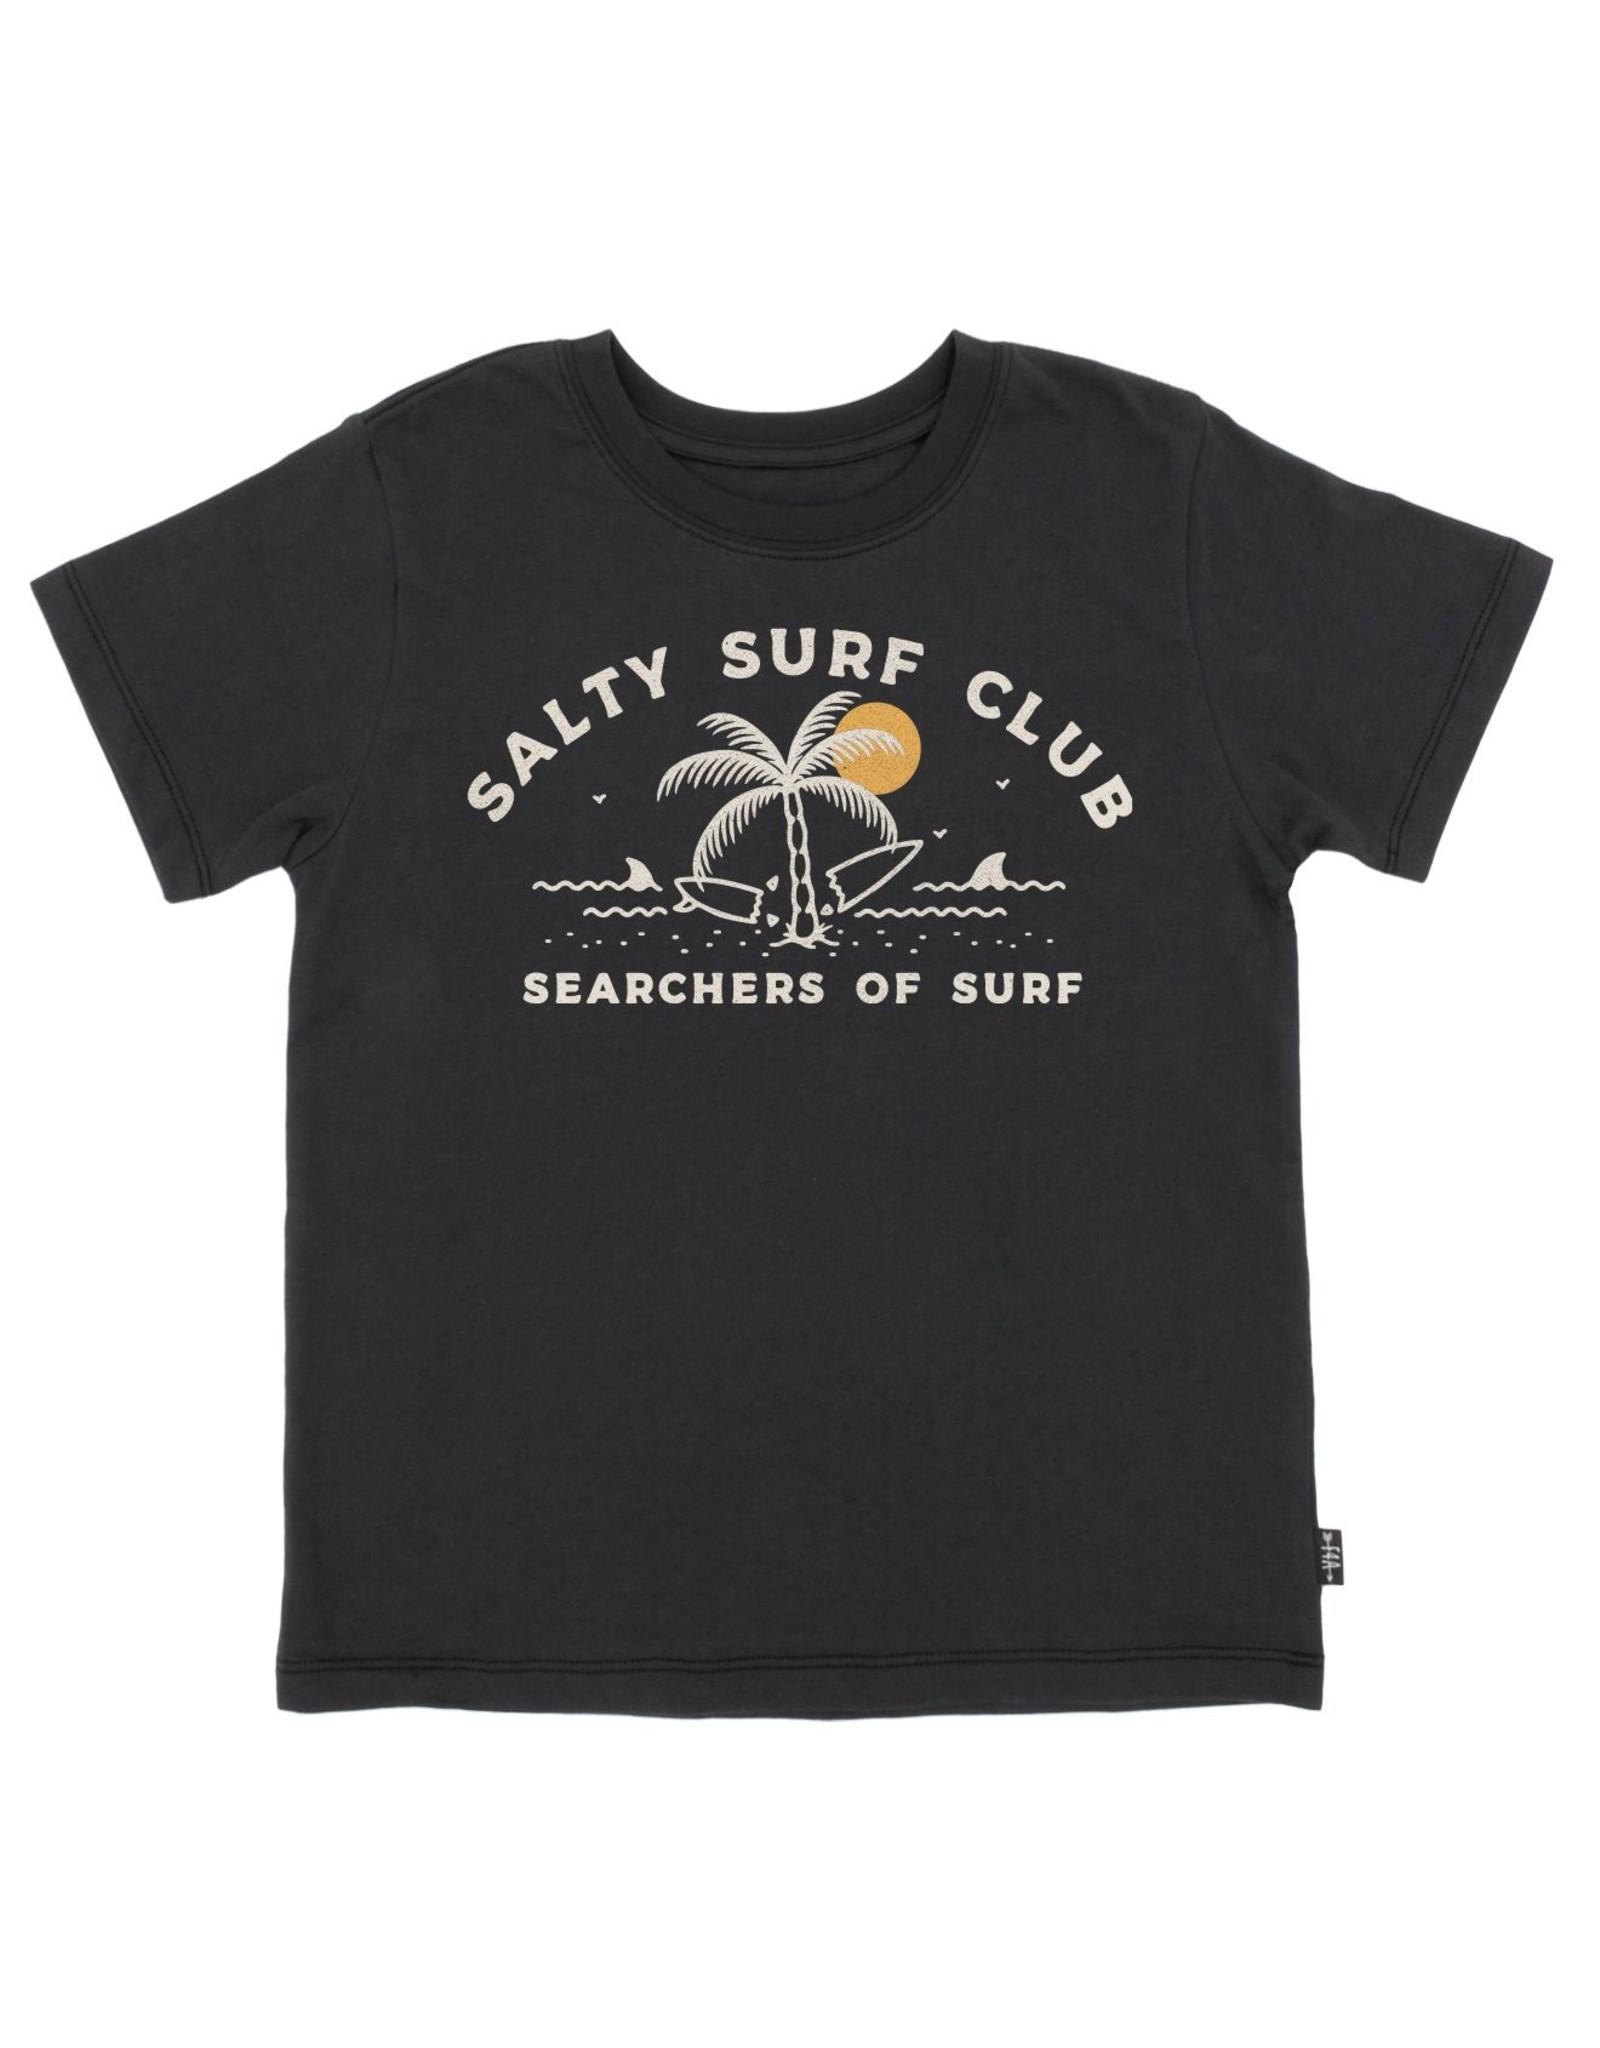 Feather 4 Arrow salty surf club tee